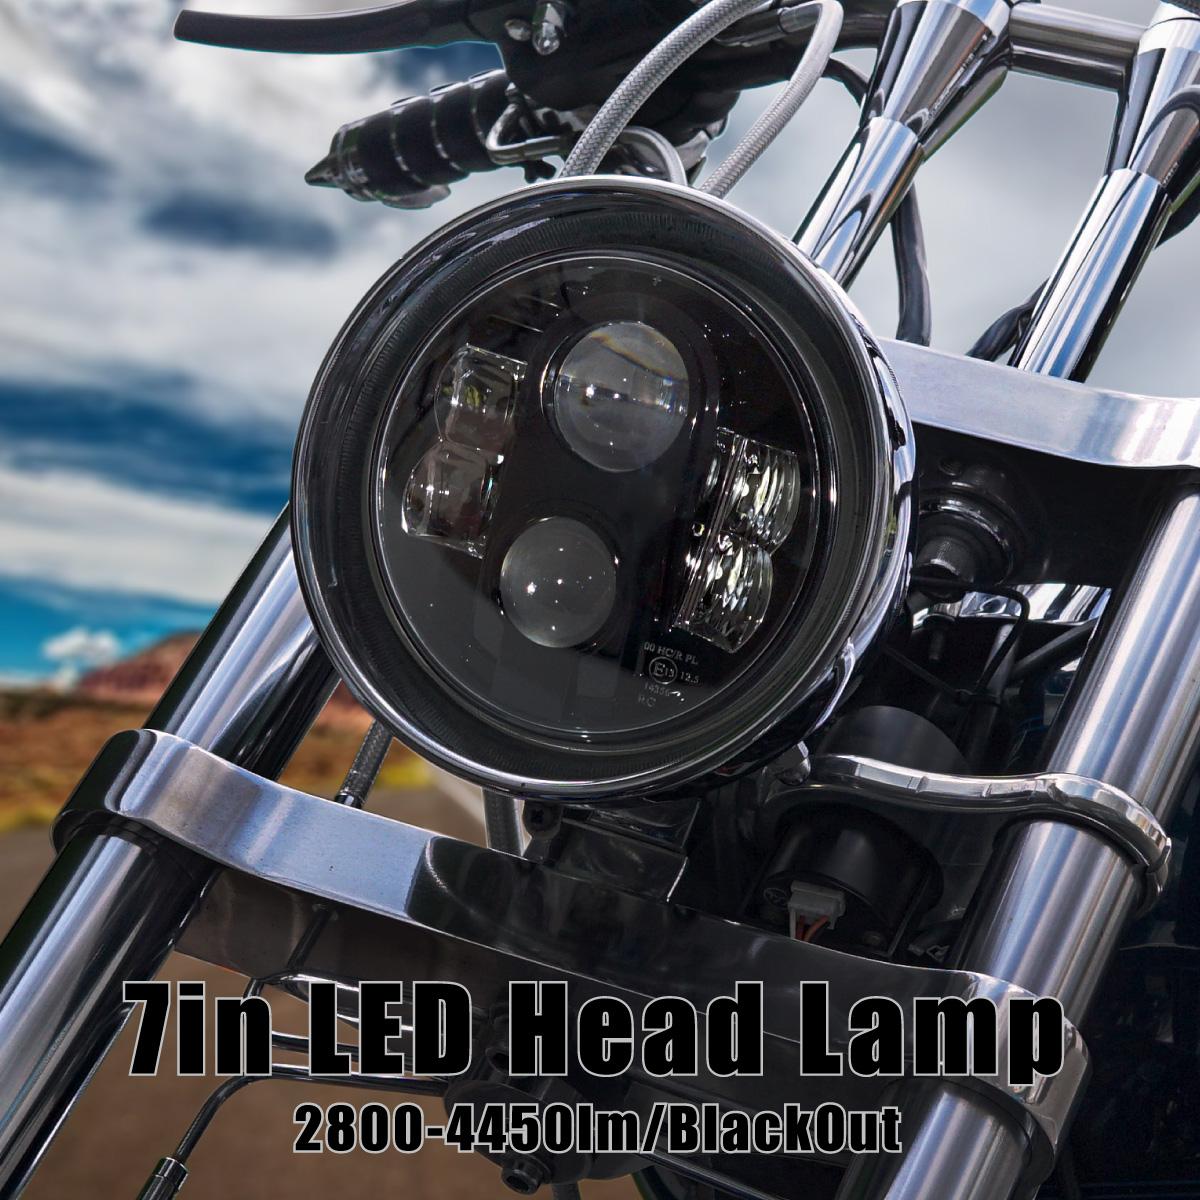 ヘッドライト LED 7インチ CREE 6500K 2800lm ラウンドタイプ ブラック 12V 24V ハーレーダビッドソン ジープ ラングラー ランドローバー ジムニー JA系 _52168